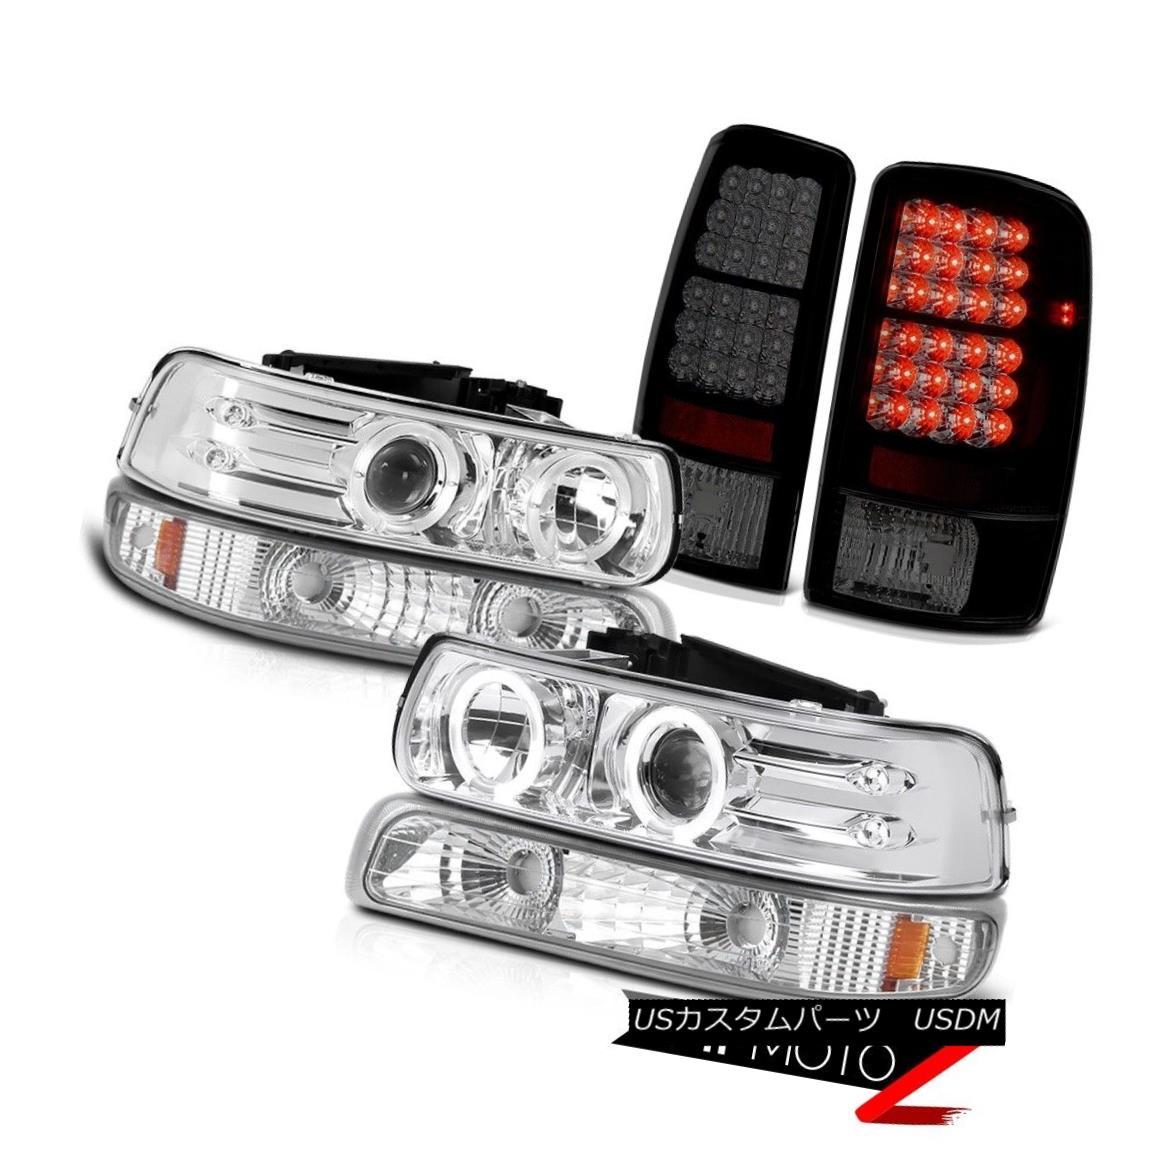 ヘッドライト Angel Eye Headlights Bumper Smoke Tinted LED Tail Lights 2000-2006 Suburban 5.3L エンジェルアイヘッドライトバンパースモークティンテッドLEDテールライト2000-2006郊外5.3L